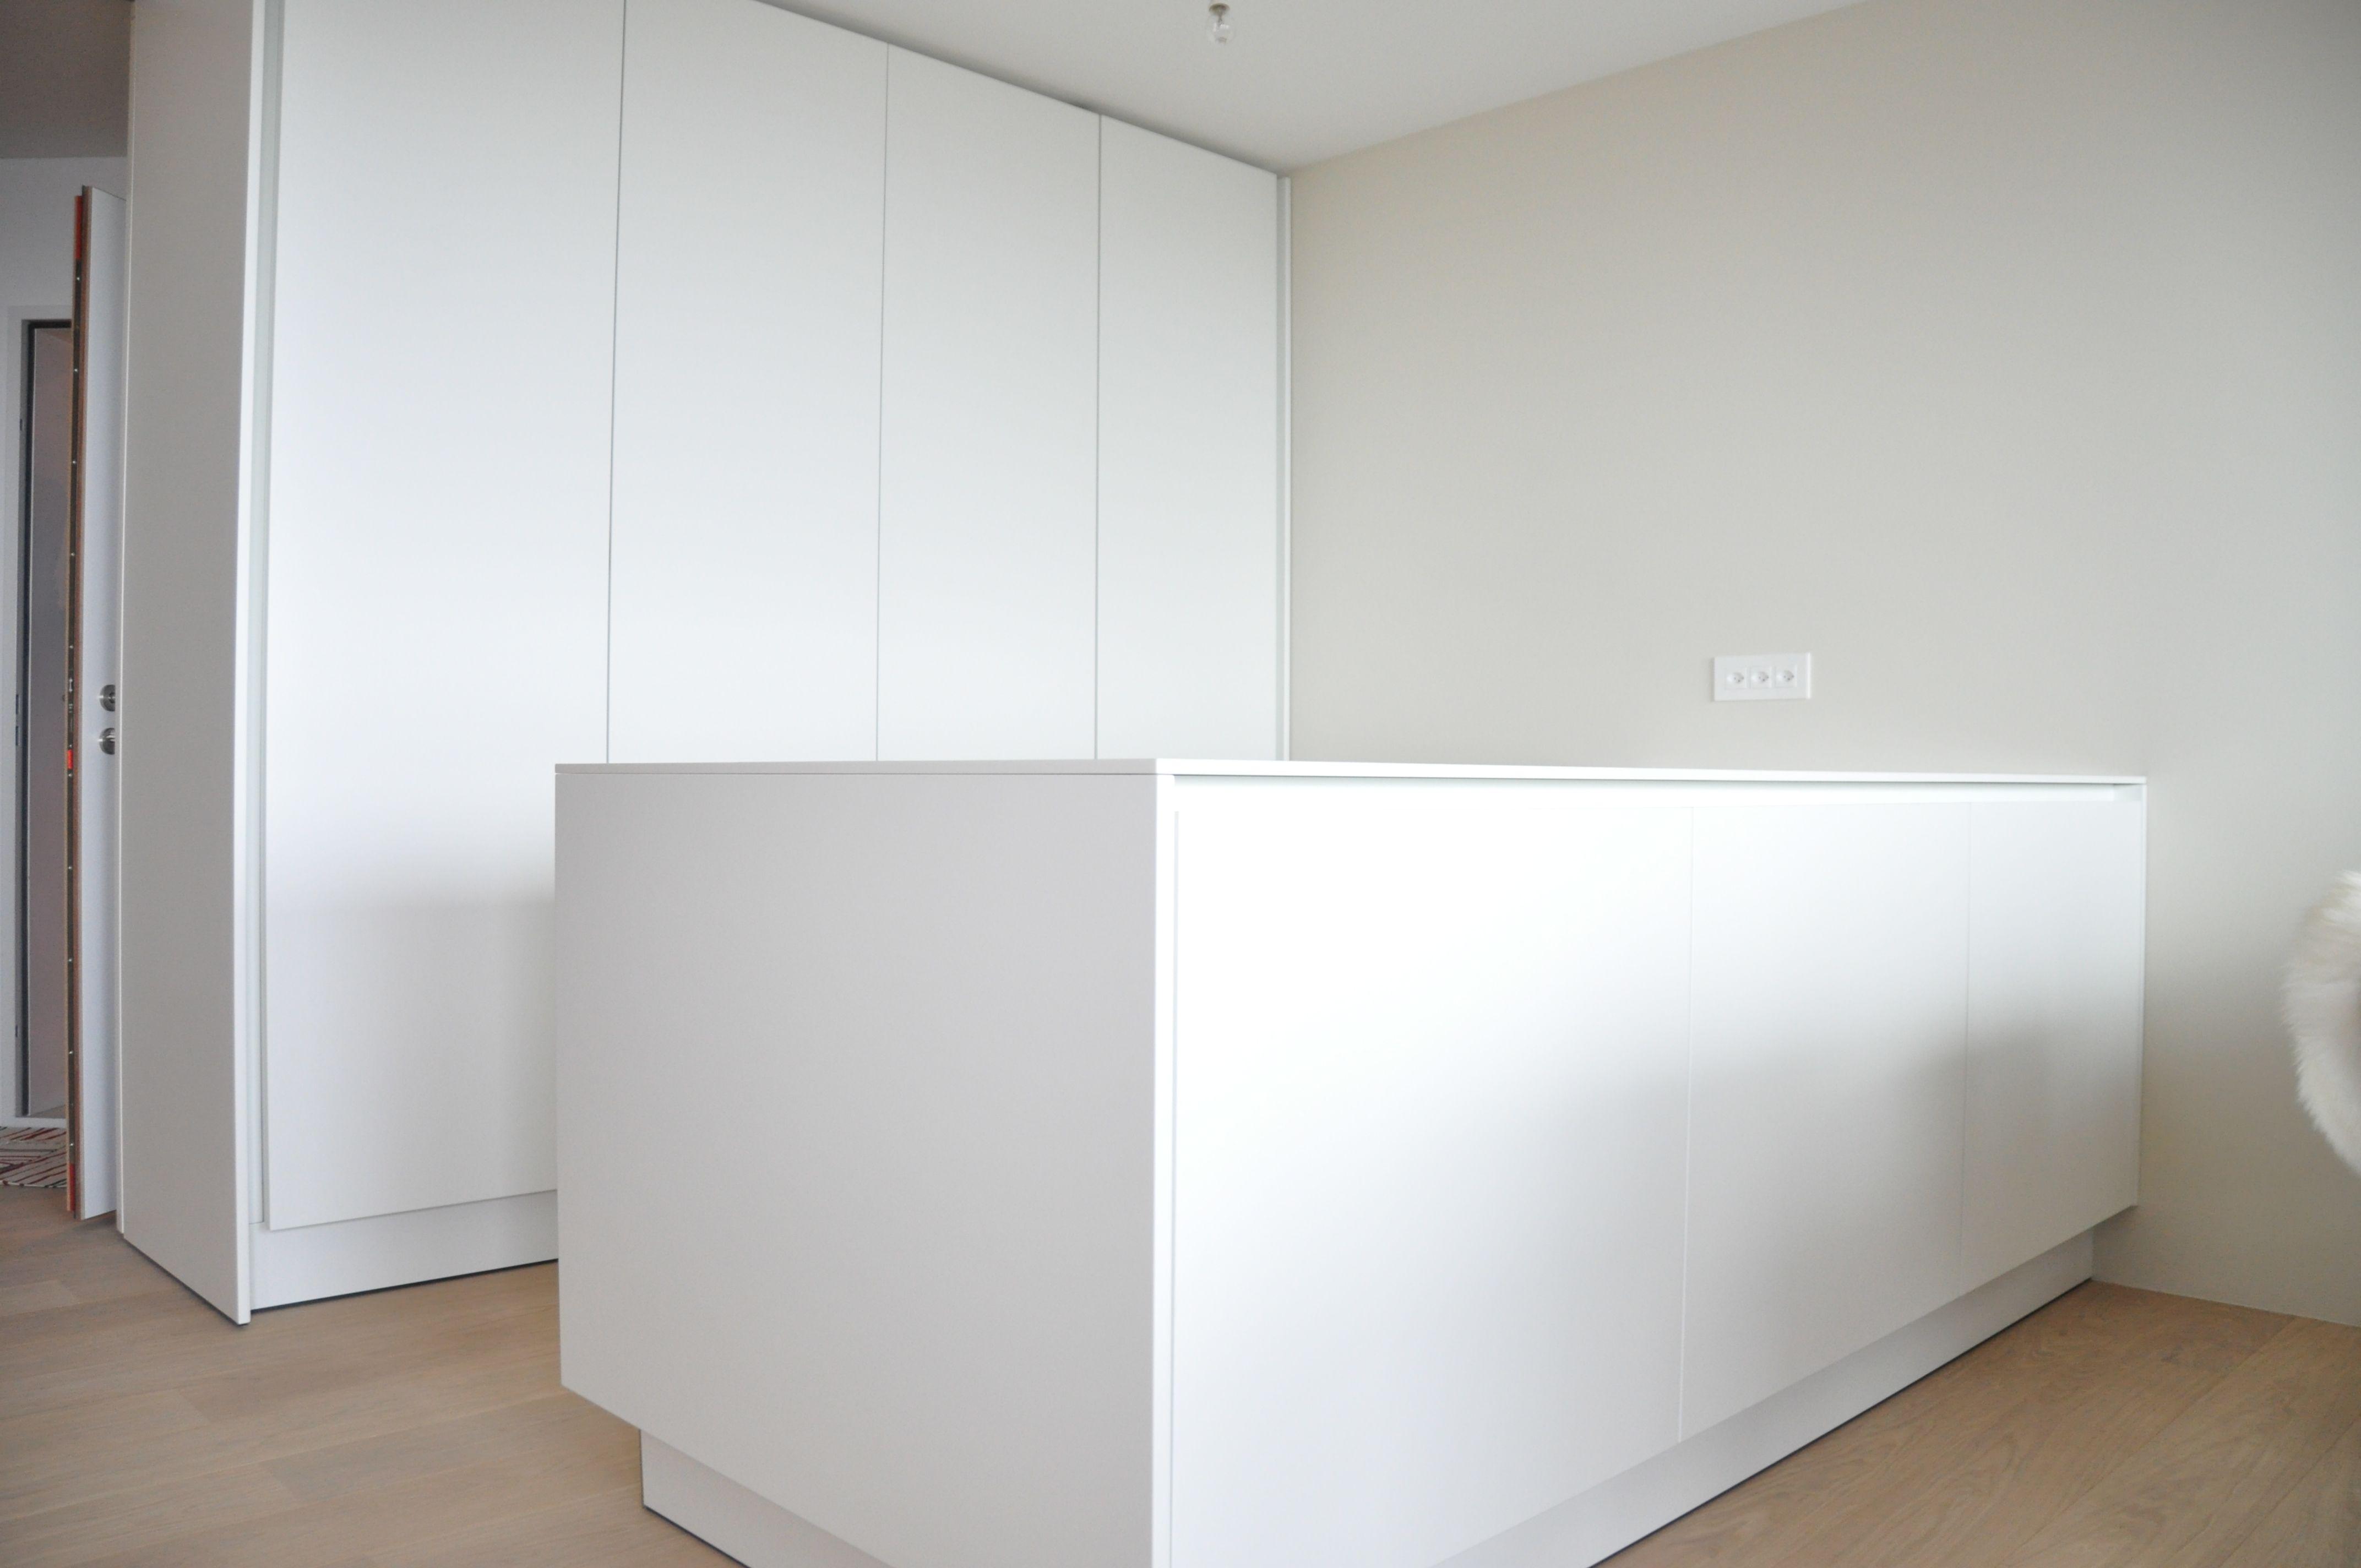 eggersmann e sign kundenk che wei mit corian arbeitsplatte pockett ren f r versteckte ger te. Black Bedroom Furniture Sets. Home Design Ideas